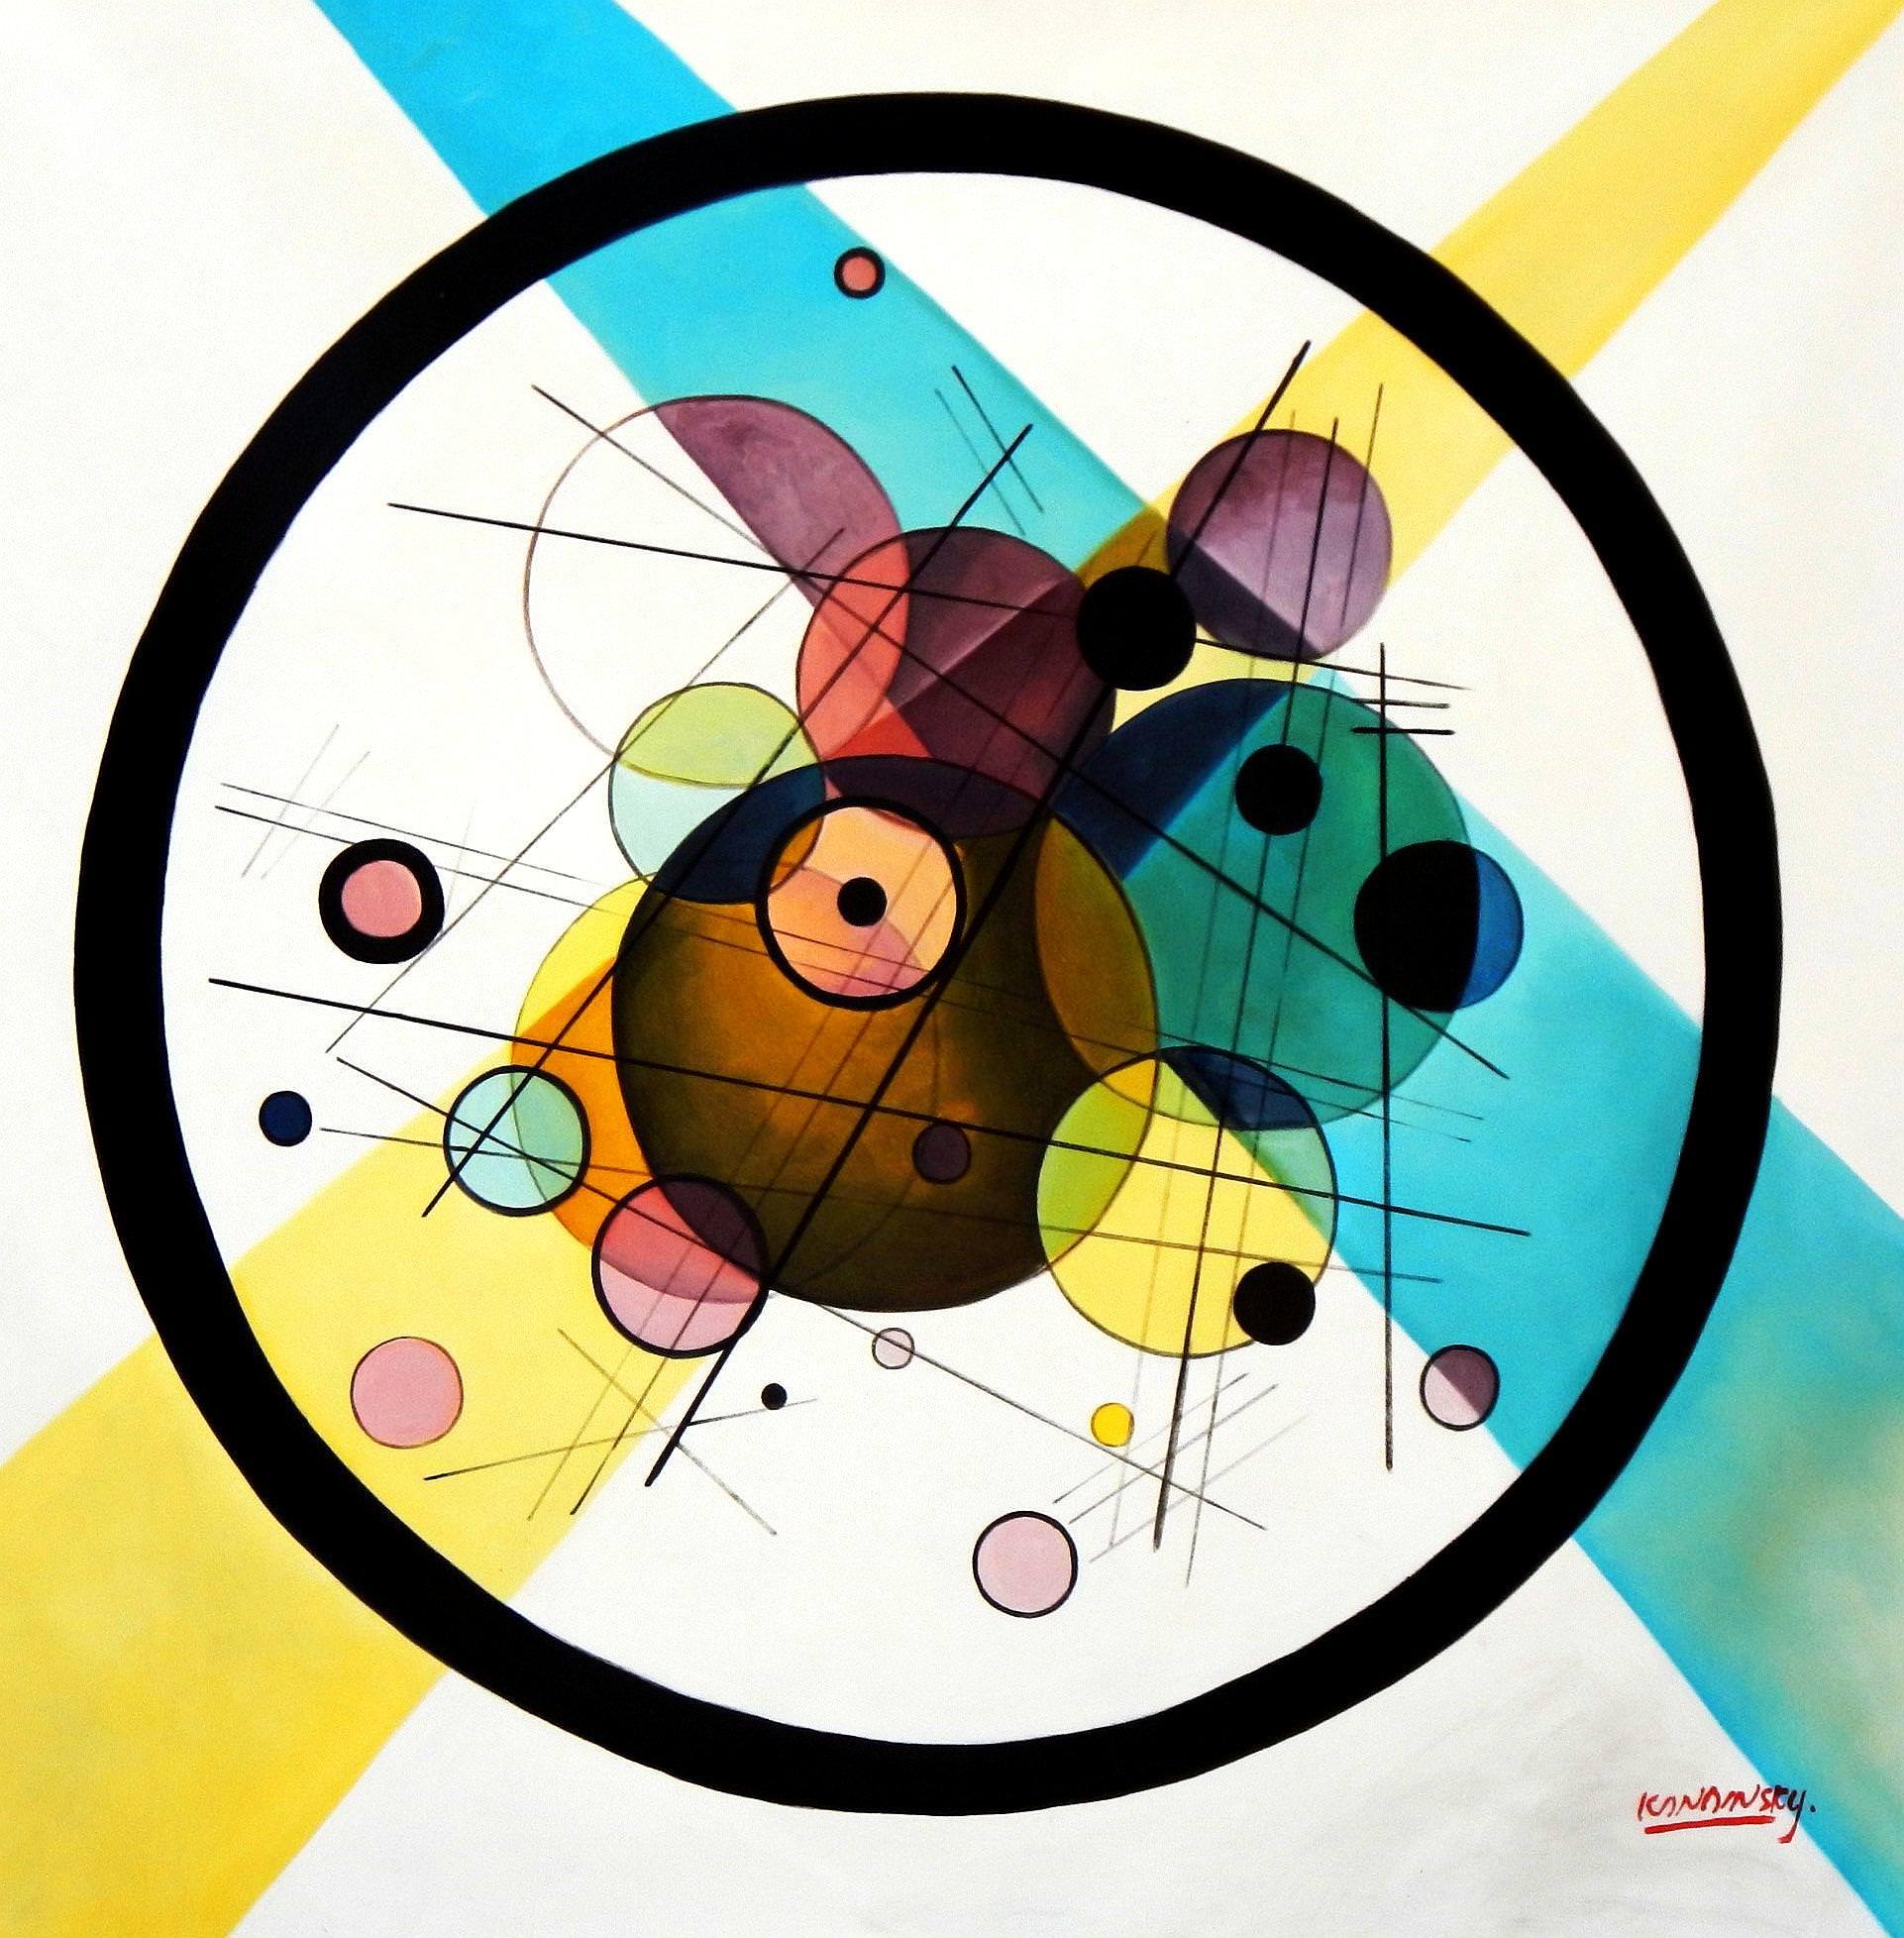 Homage to Kandinsky - Variation der Querlinie m94088 120x120cm exquisites Gemälde